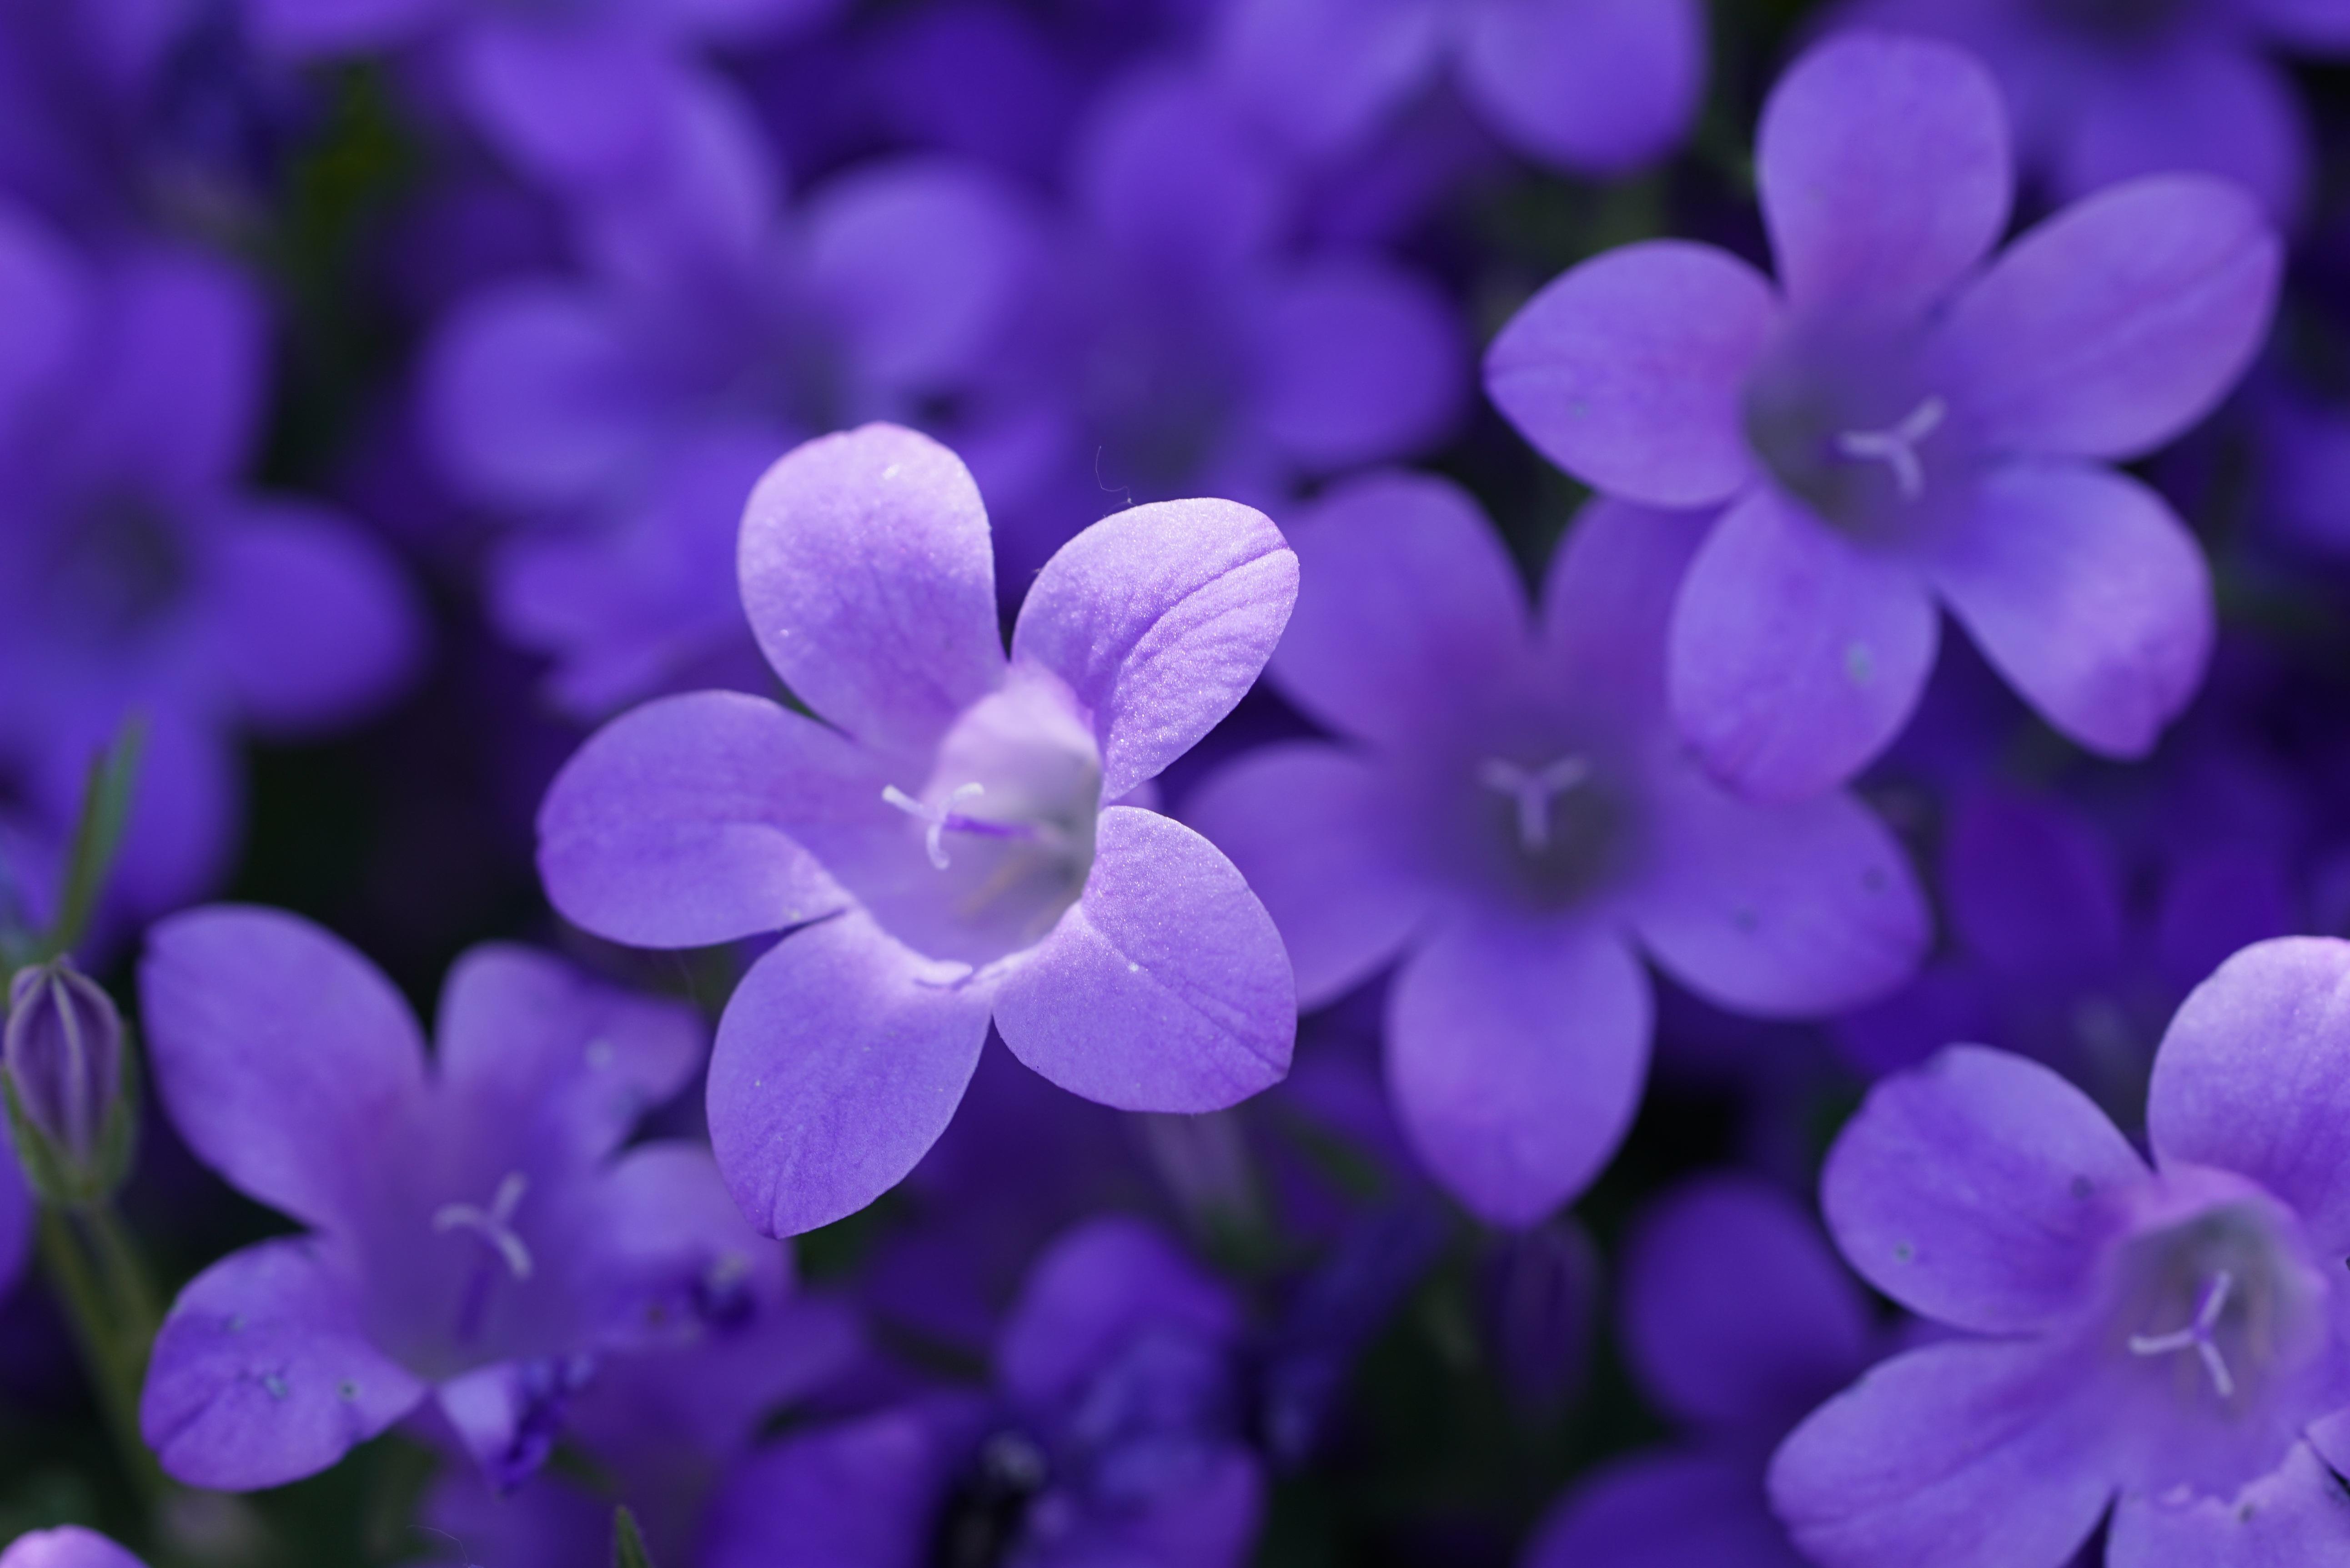 bokeh violet flowers 4k 1630616437 - Bokeh Violet Flowers 4k - Bokeh Violet Flowers wallpapers, Bokeh Violet Flowers 4k wallpapers